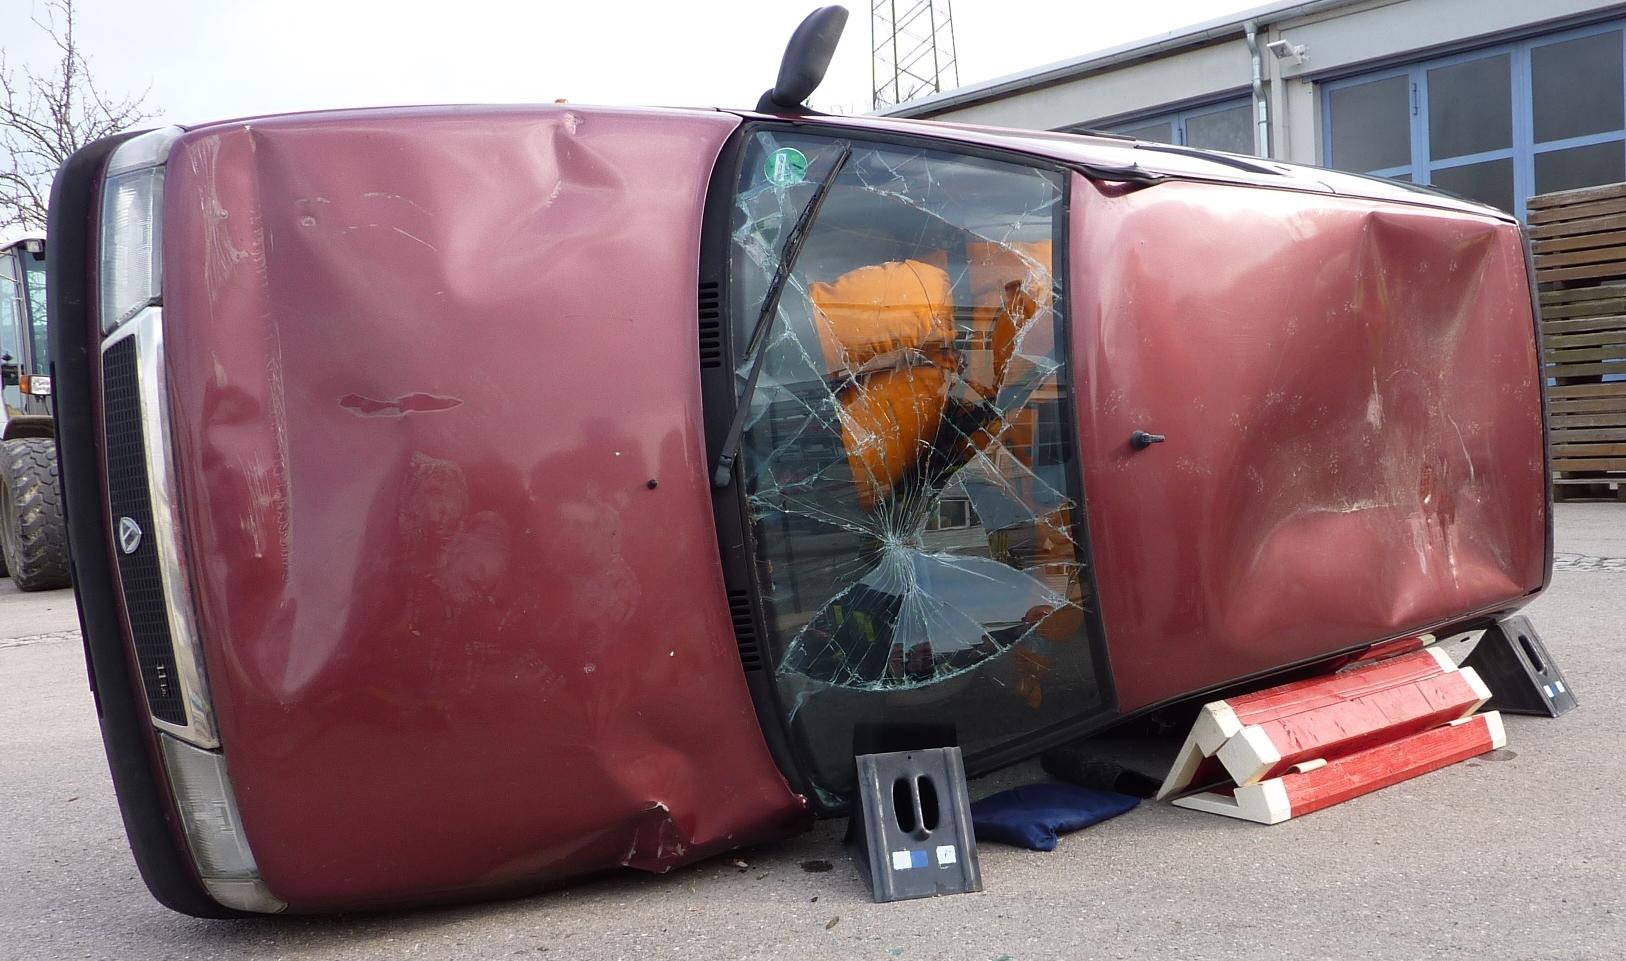 Fahrzeug-Sicherung mit Steckleiterteilen › Technische Hilfeleistung